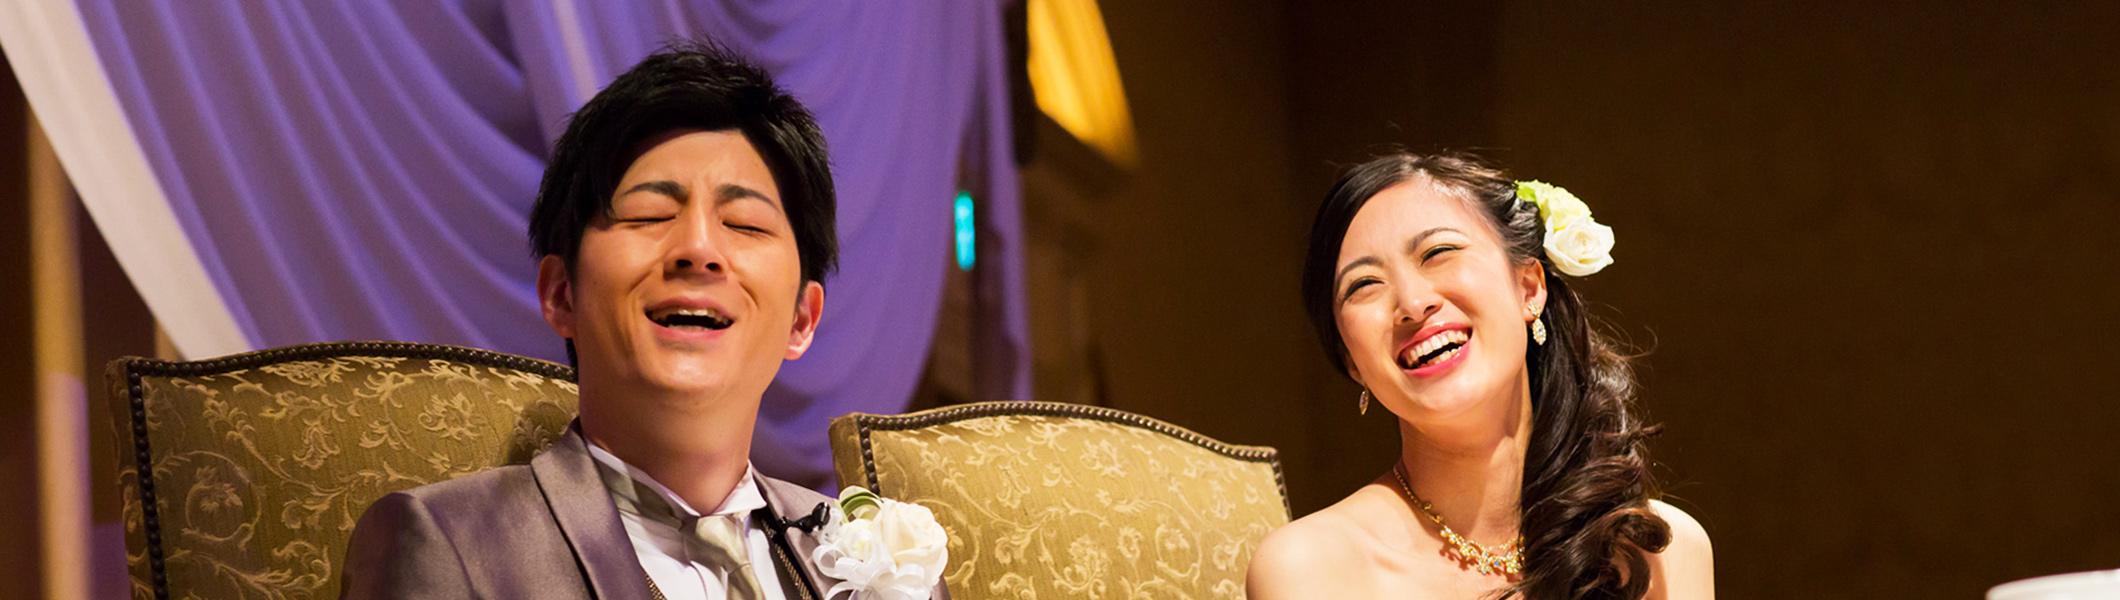 L-CLIP 結婚写真